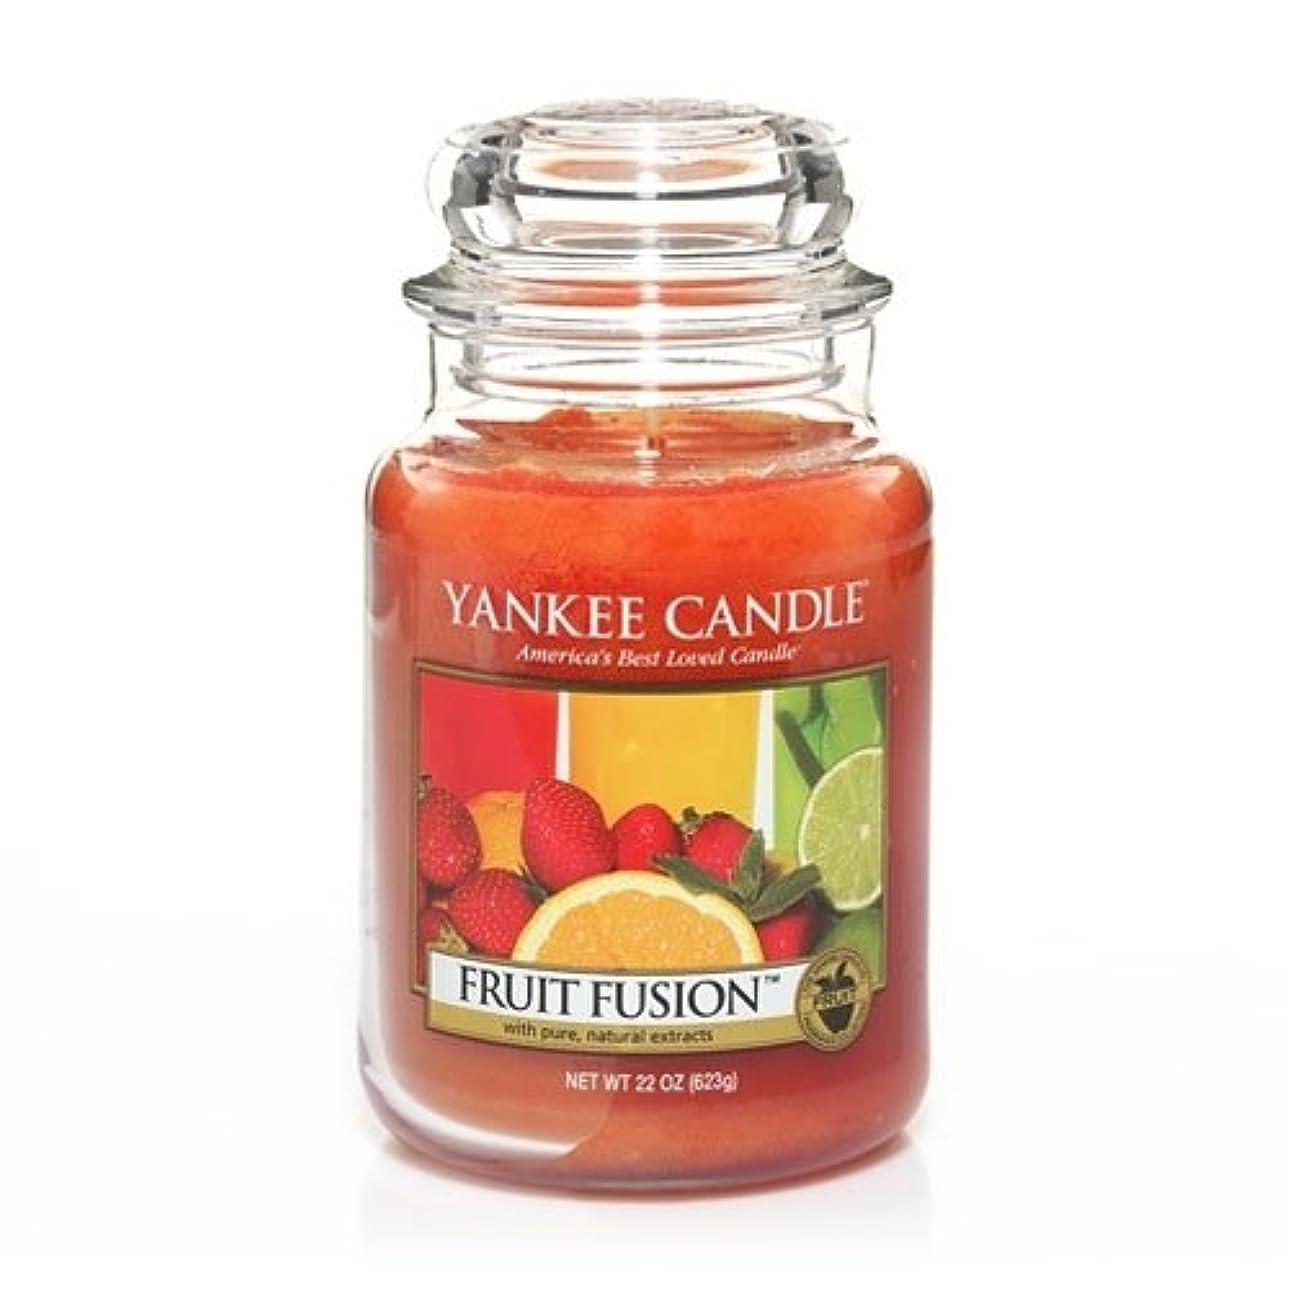 スマッシュ干渉リレーYankee Candle Fruit Fusion、フルーツ香り Large Jar Candles オレンジ 1230712-YC